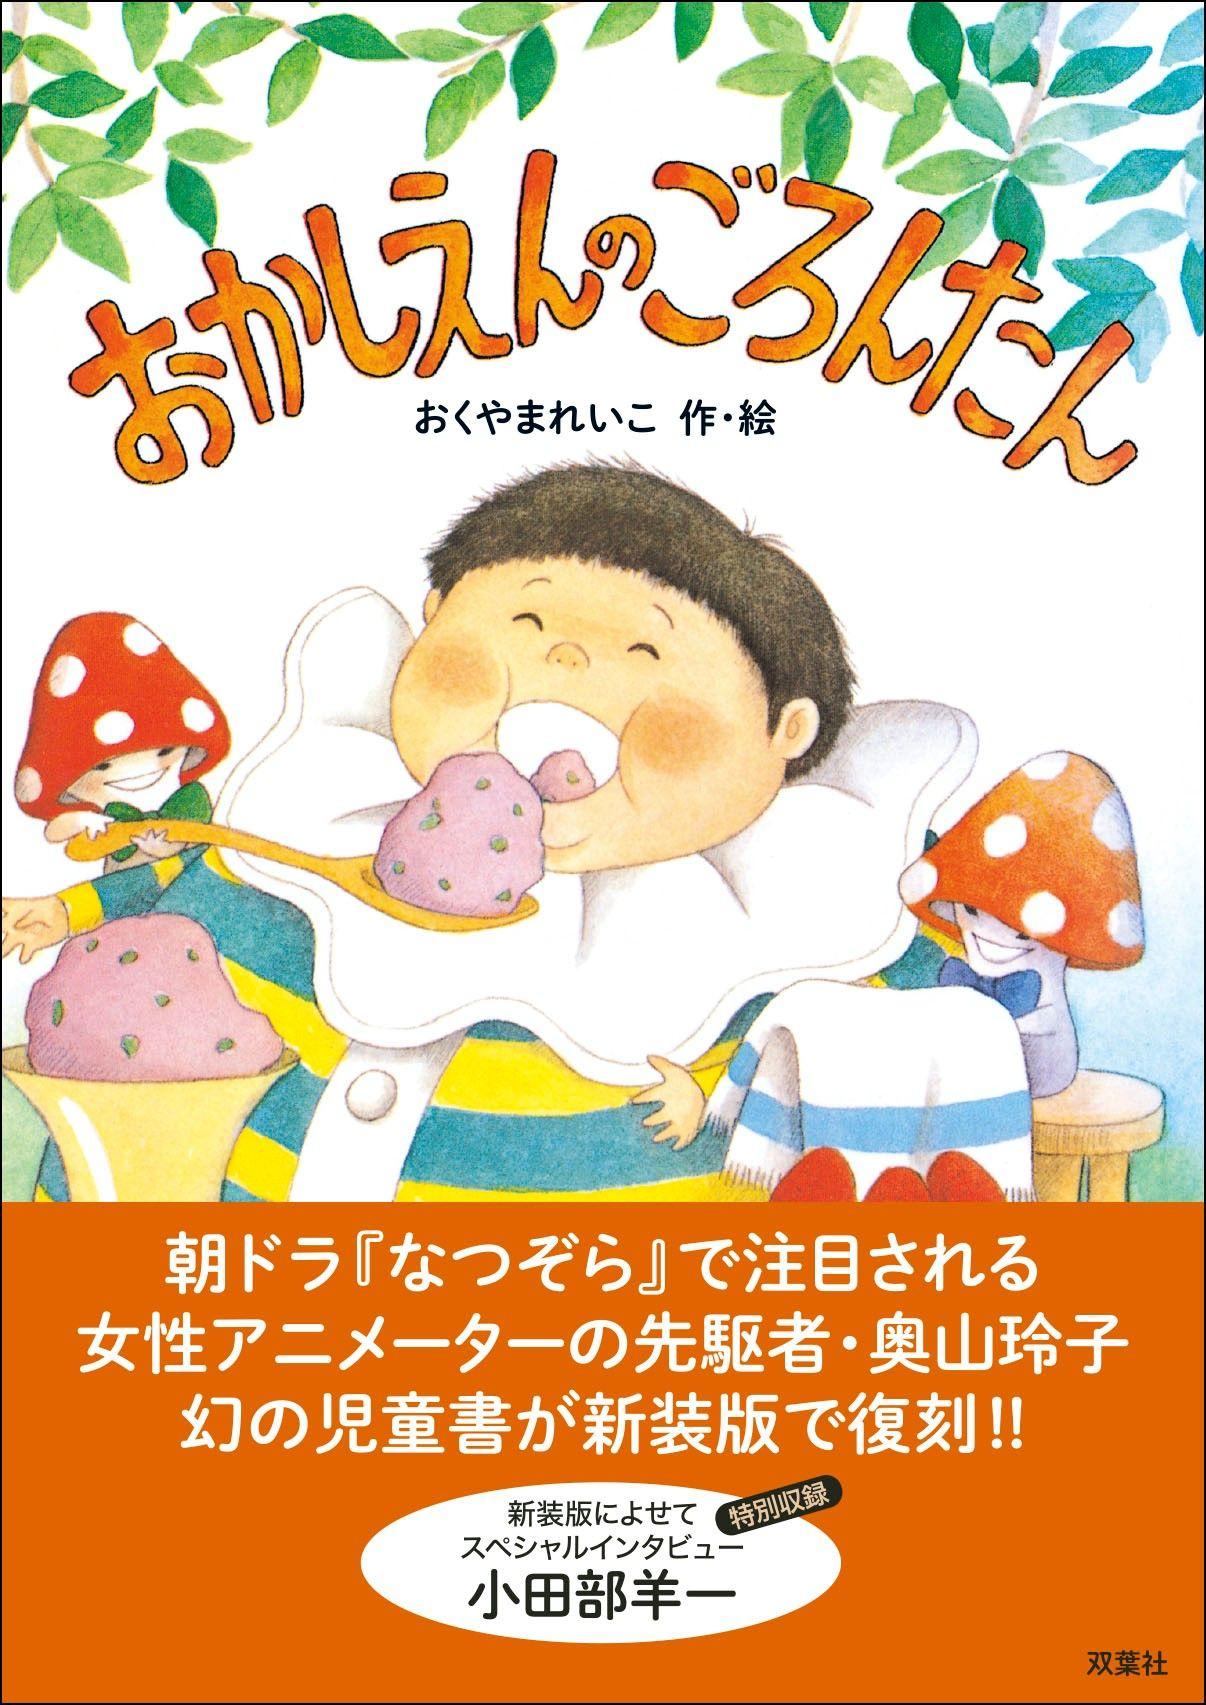 39年ぶりに復刊された奥山玲子さんの児童書『おかしえんのごろんたん』